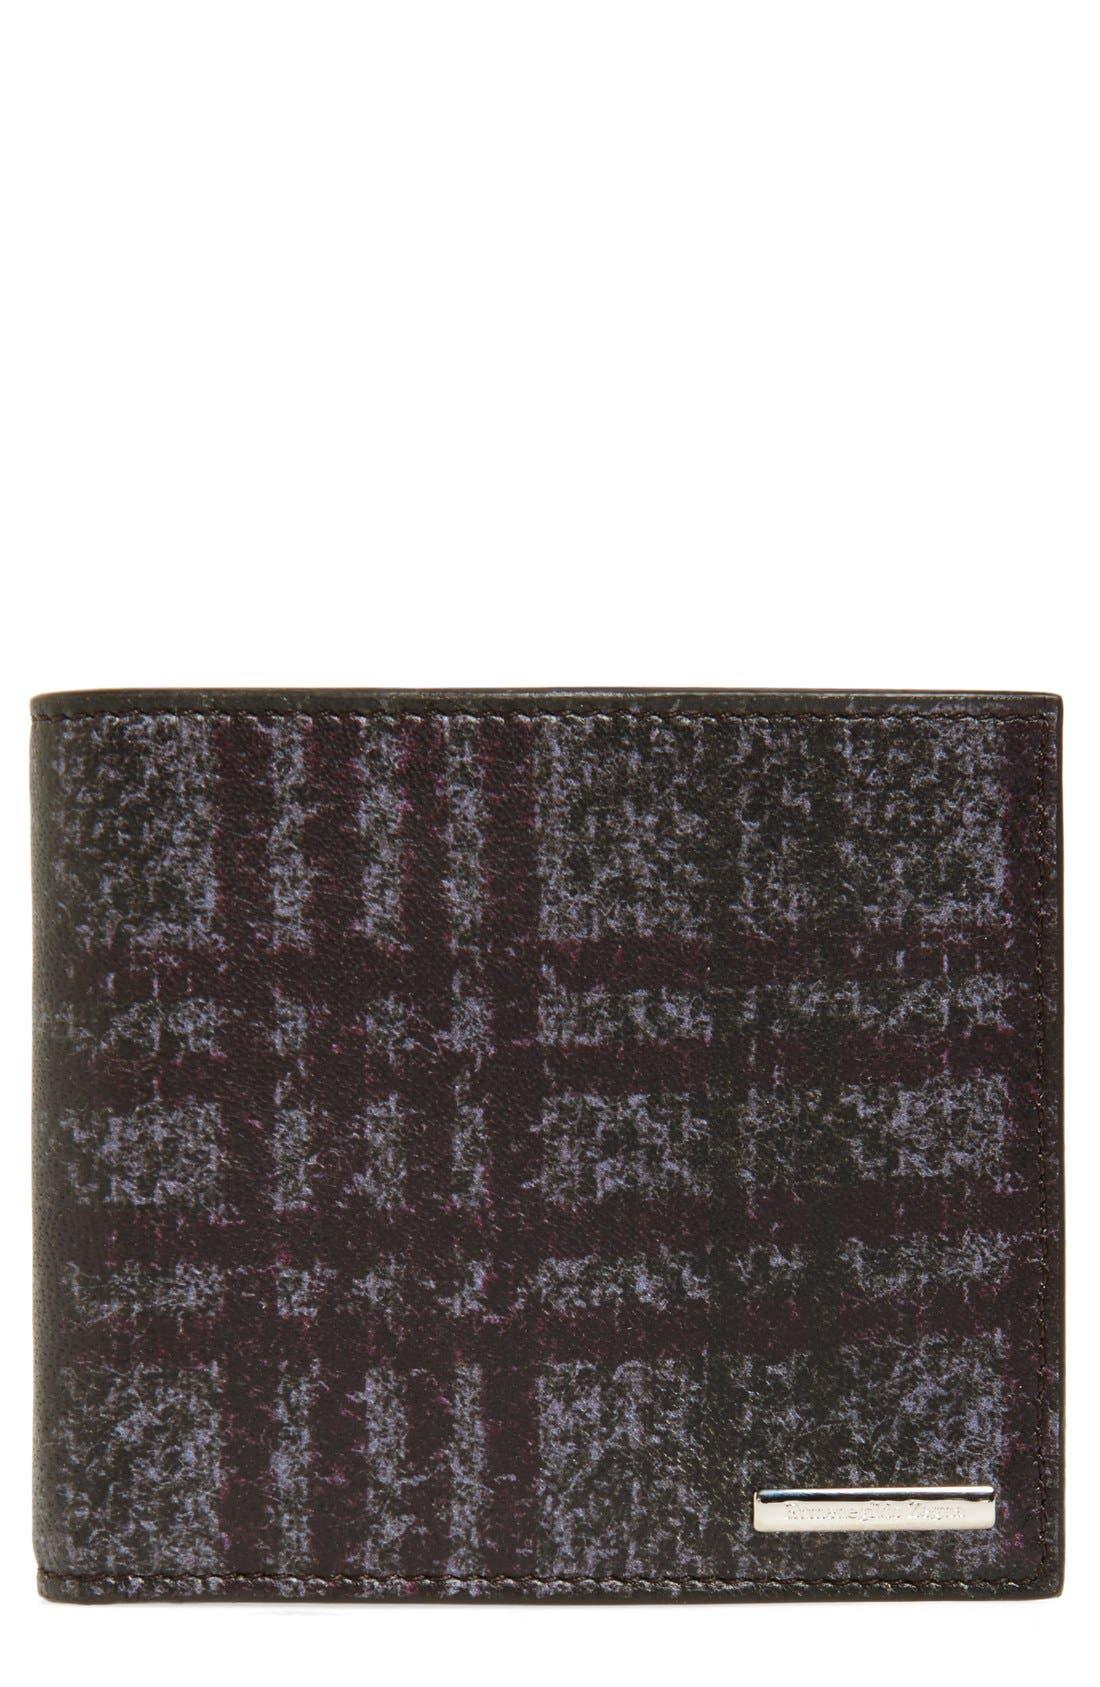 ERMENEGILDO ZEGNA Printed Leather Bifold Wallet